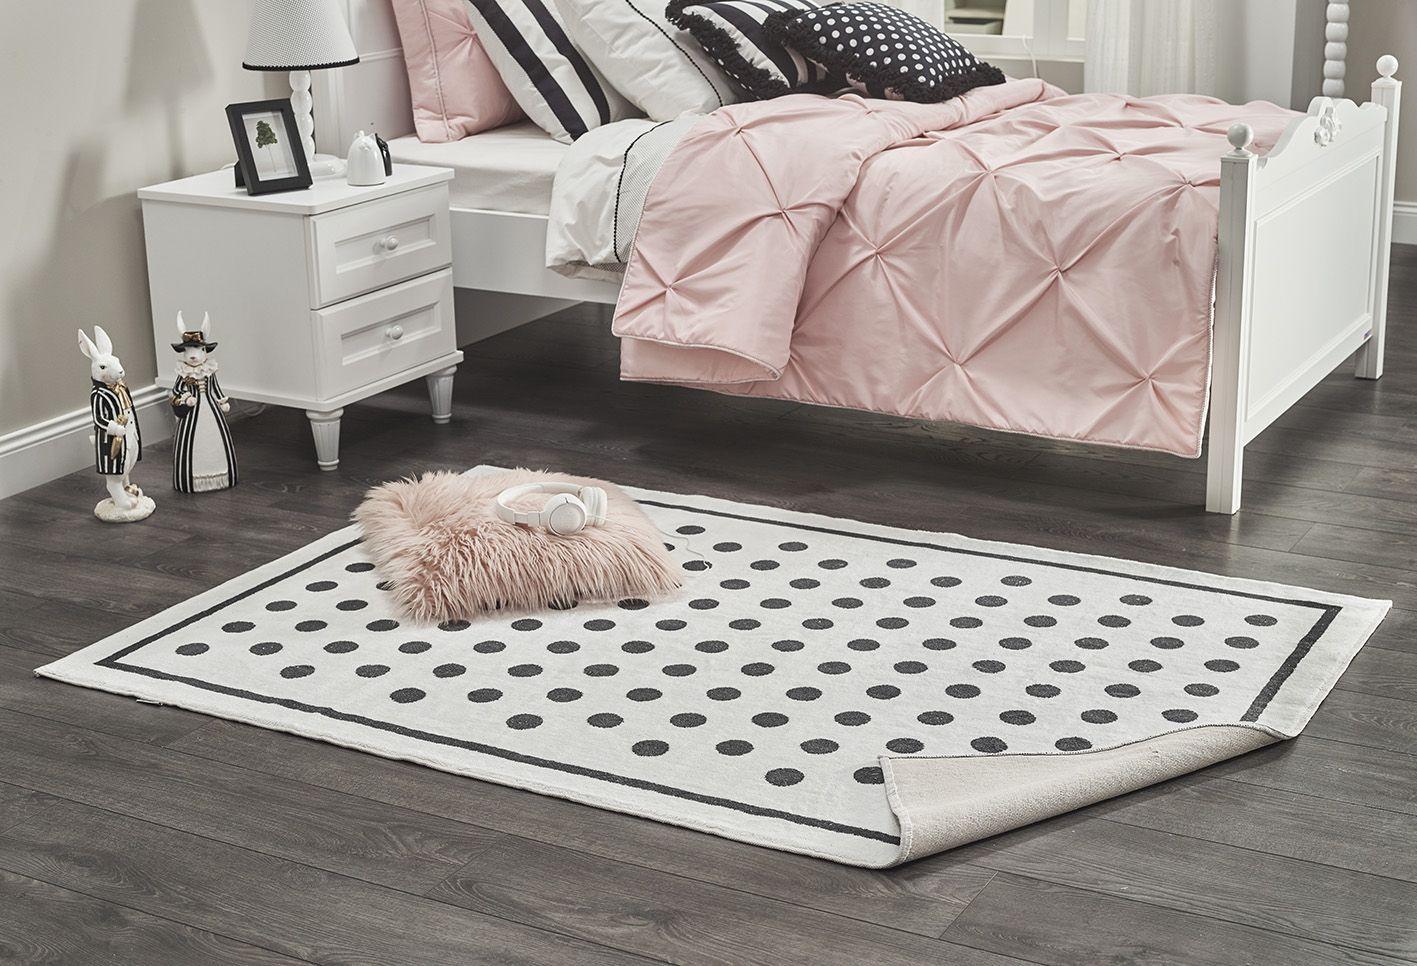 Kinderzimmerteppich waschbar bei Möbel Lux